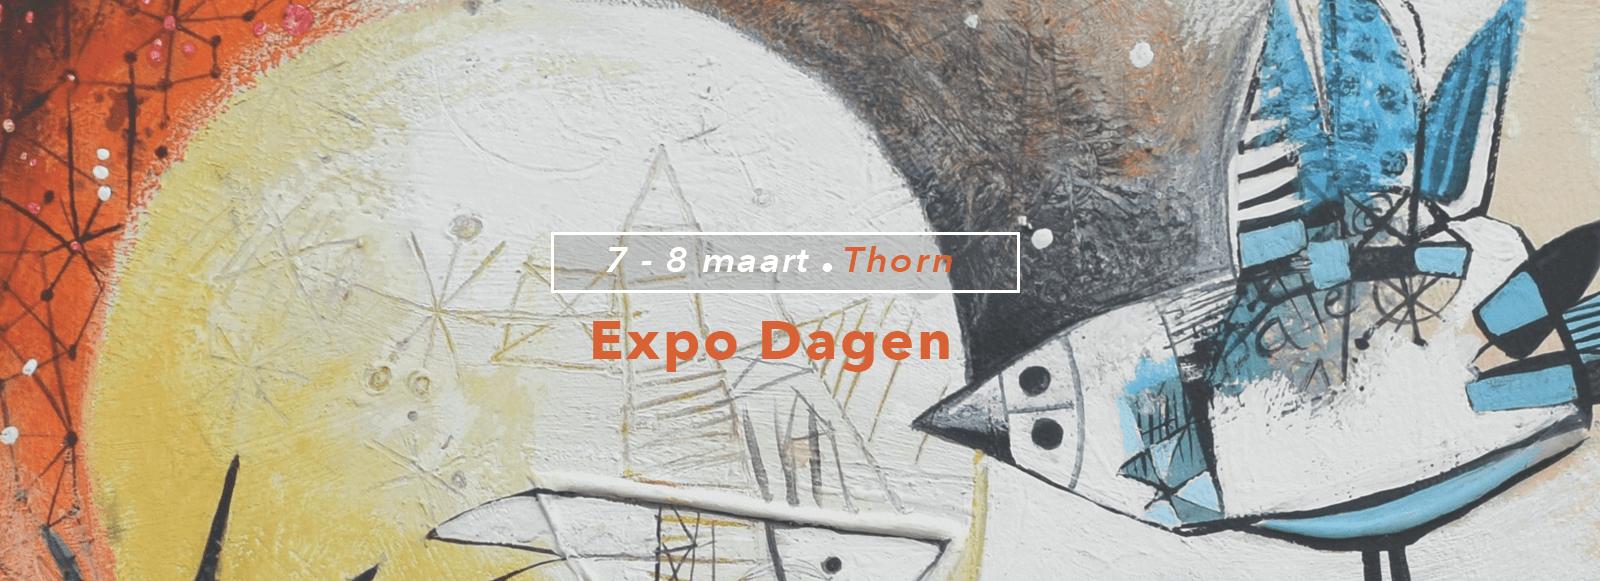 Expo Angeles Nieto Thorn